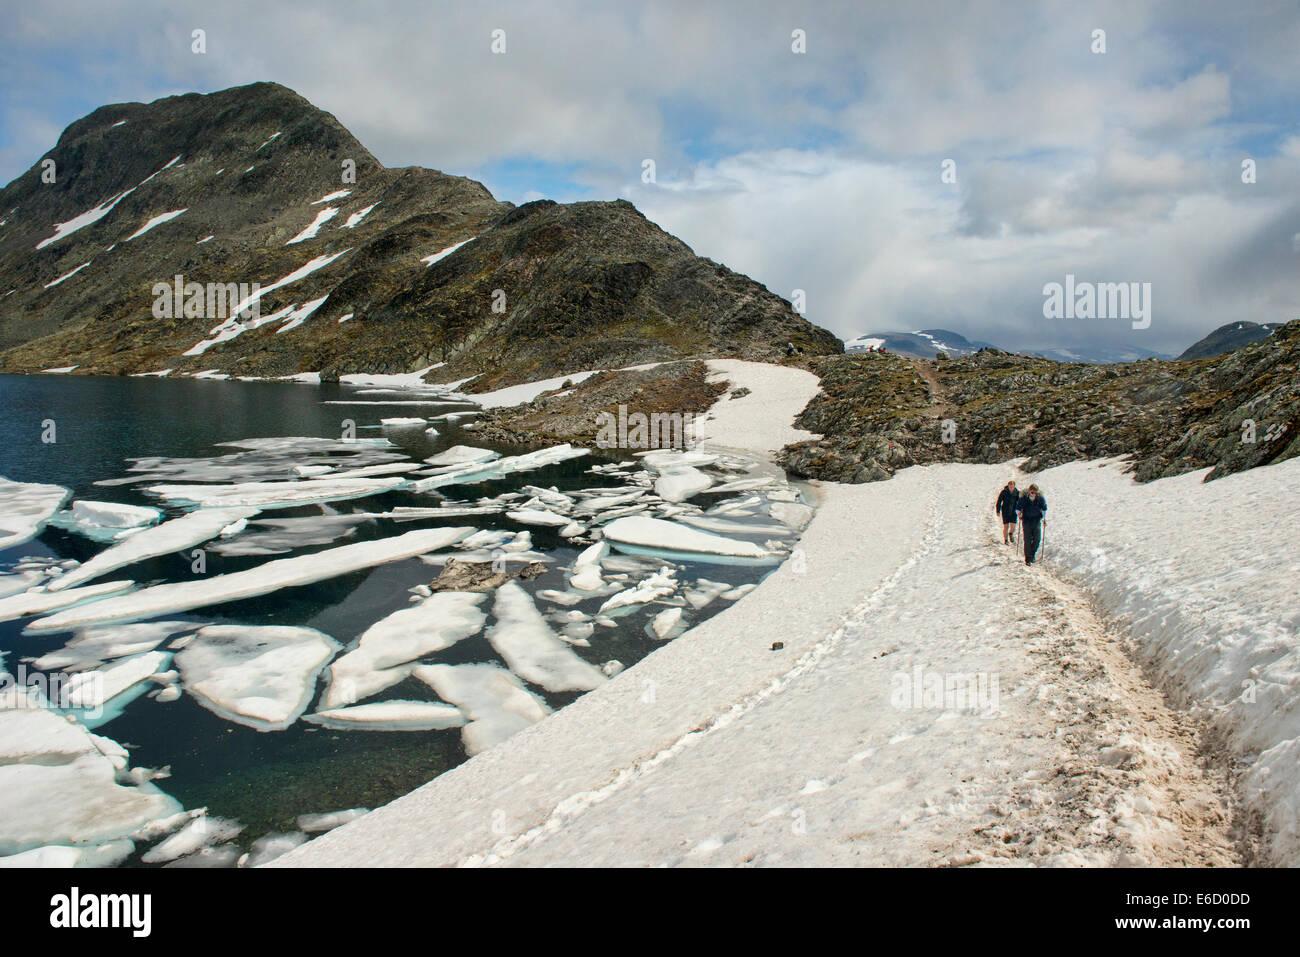 Hikers on the Besseggen Ridge trek in Jotunheimen National Park, Norway - Stock Image